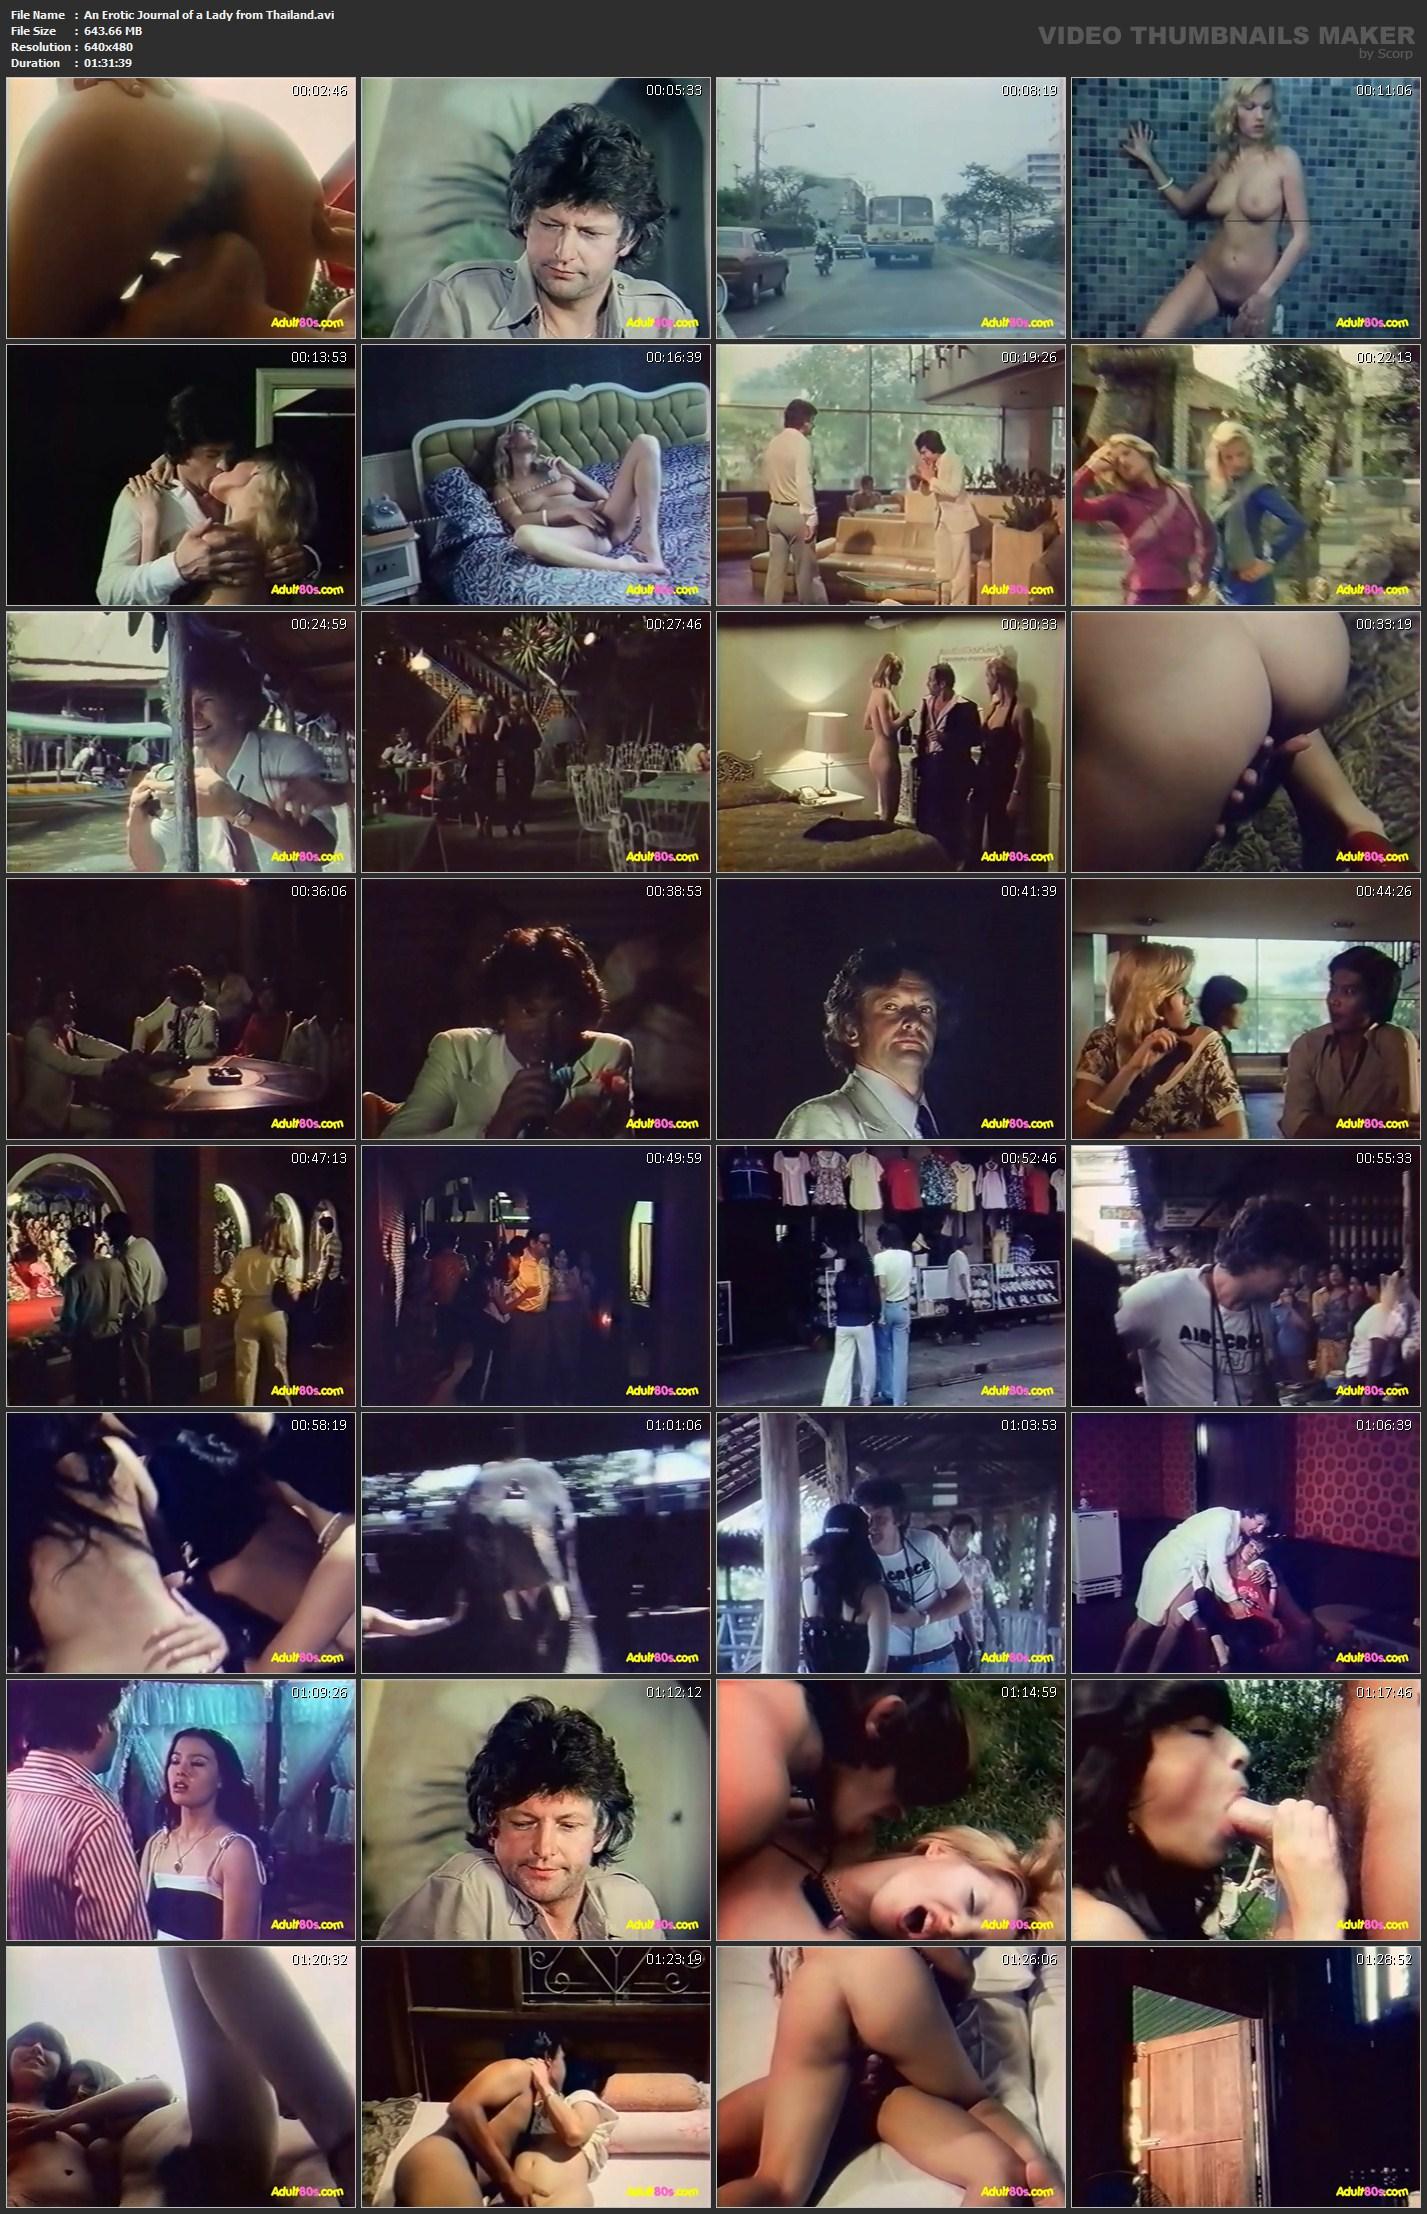 Free Sex Stories amp Erotic Stories  XNXXCOM